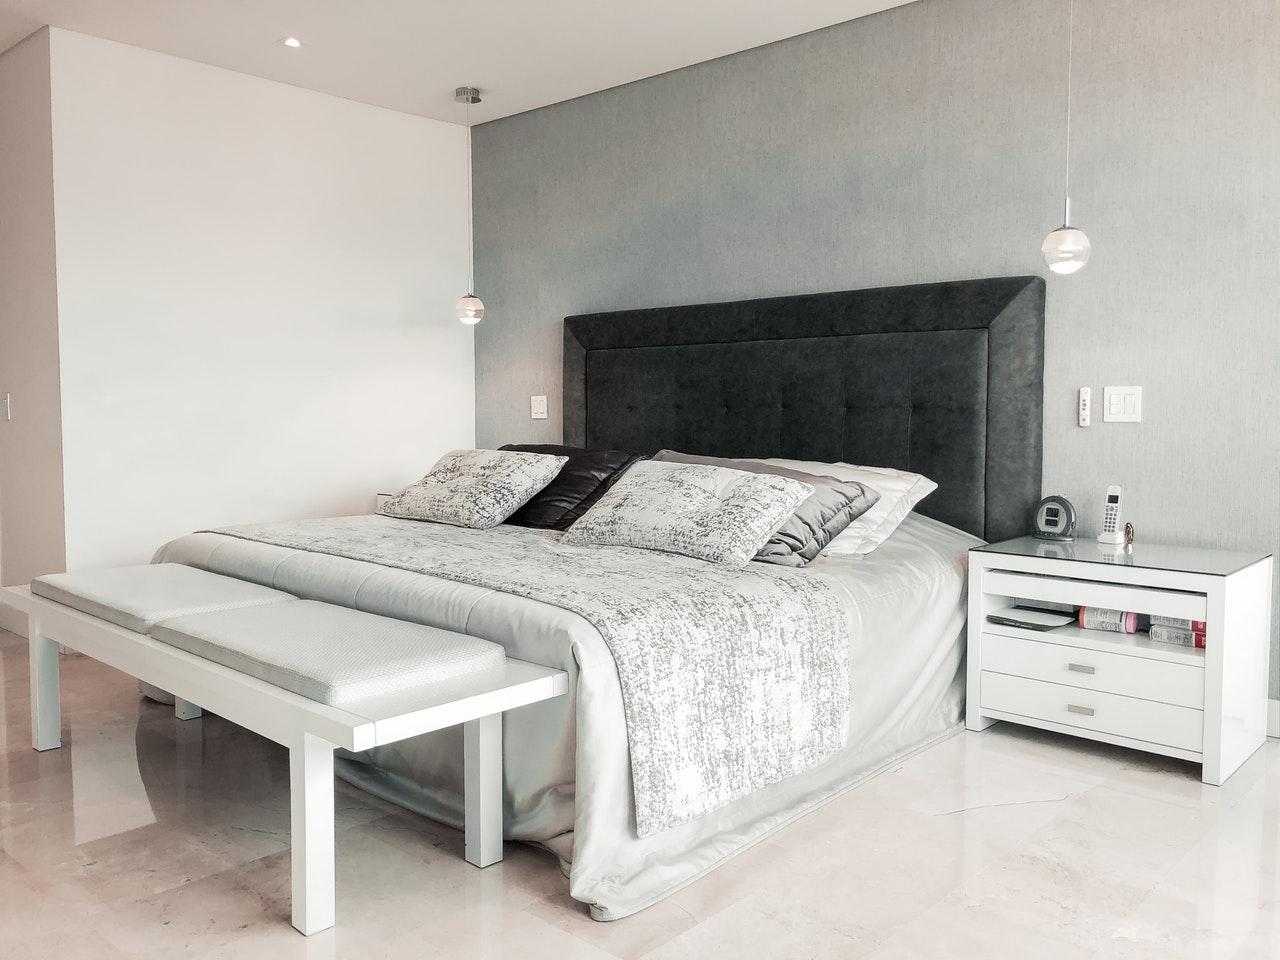 Full Size of Schrankbett Ikea Test Vergleich 04 2020 5 Besten Schrankbetten Sofa Mit Schlaffunktion Küche Kosten Modulküche Betten Bei Kaufen Miniküche 160x200 Wohnzimmer Schrankbett Ikea